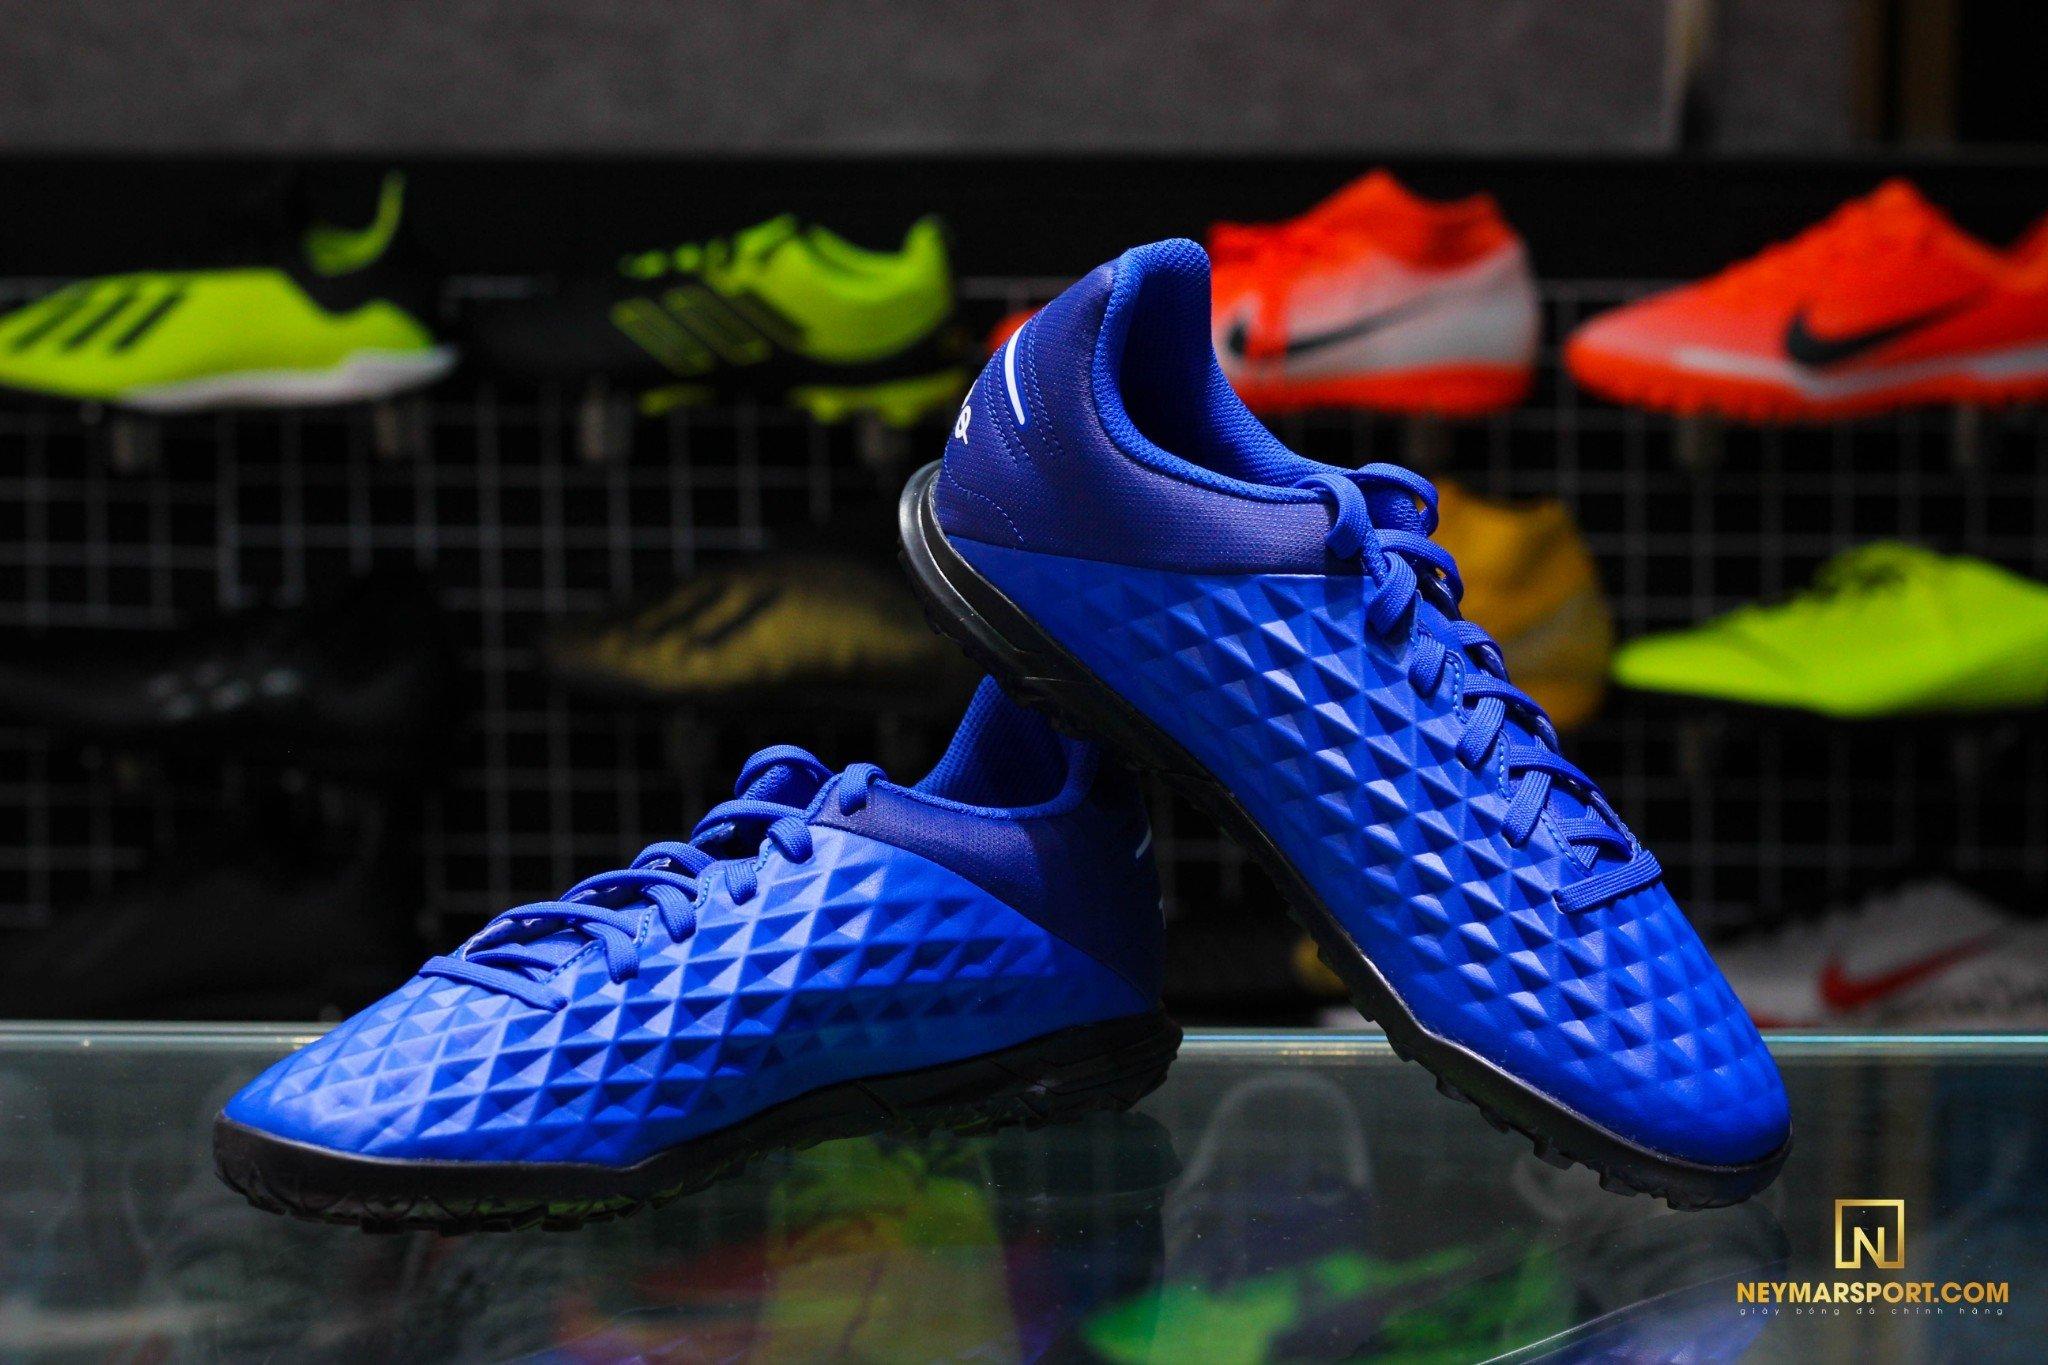 Giày đá banh chính hãng. Giày đá banh Nike. Nike Football. Giày đá banh Neymarsport.